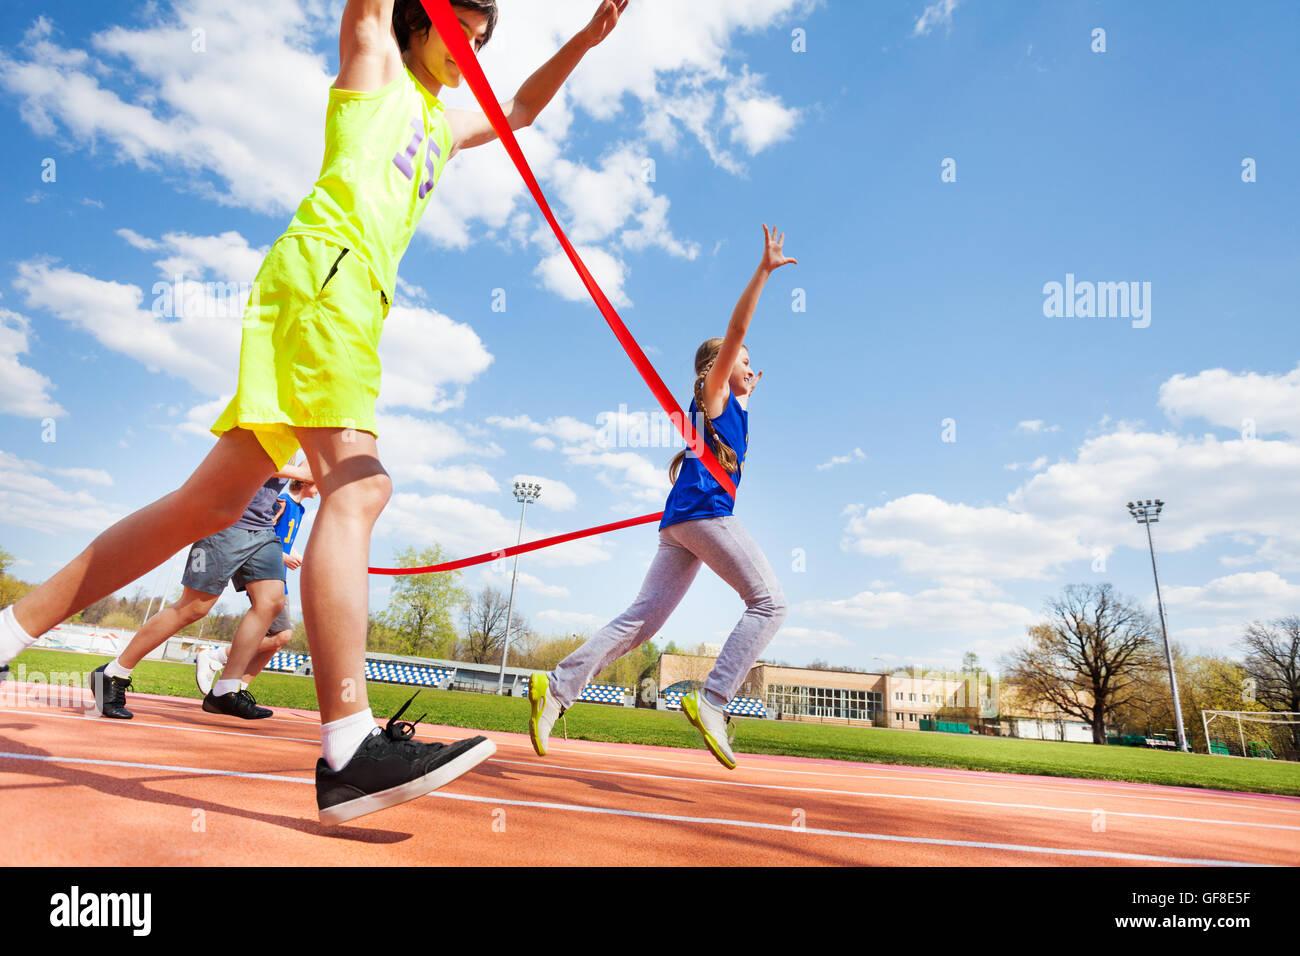 Niña alegre cruzar línea de meta en la pista Imagen De Stock